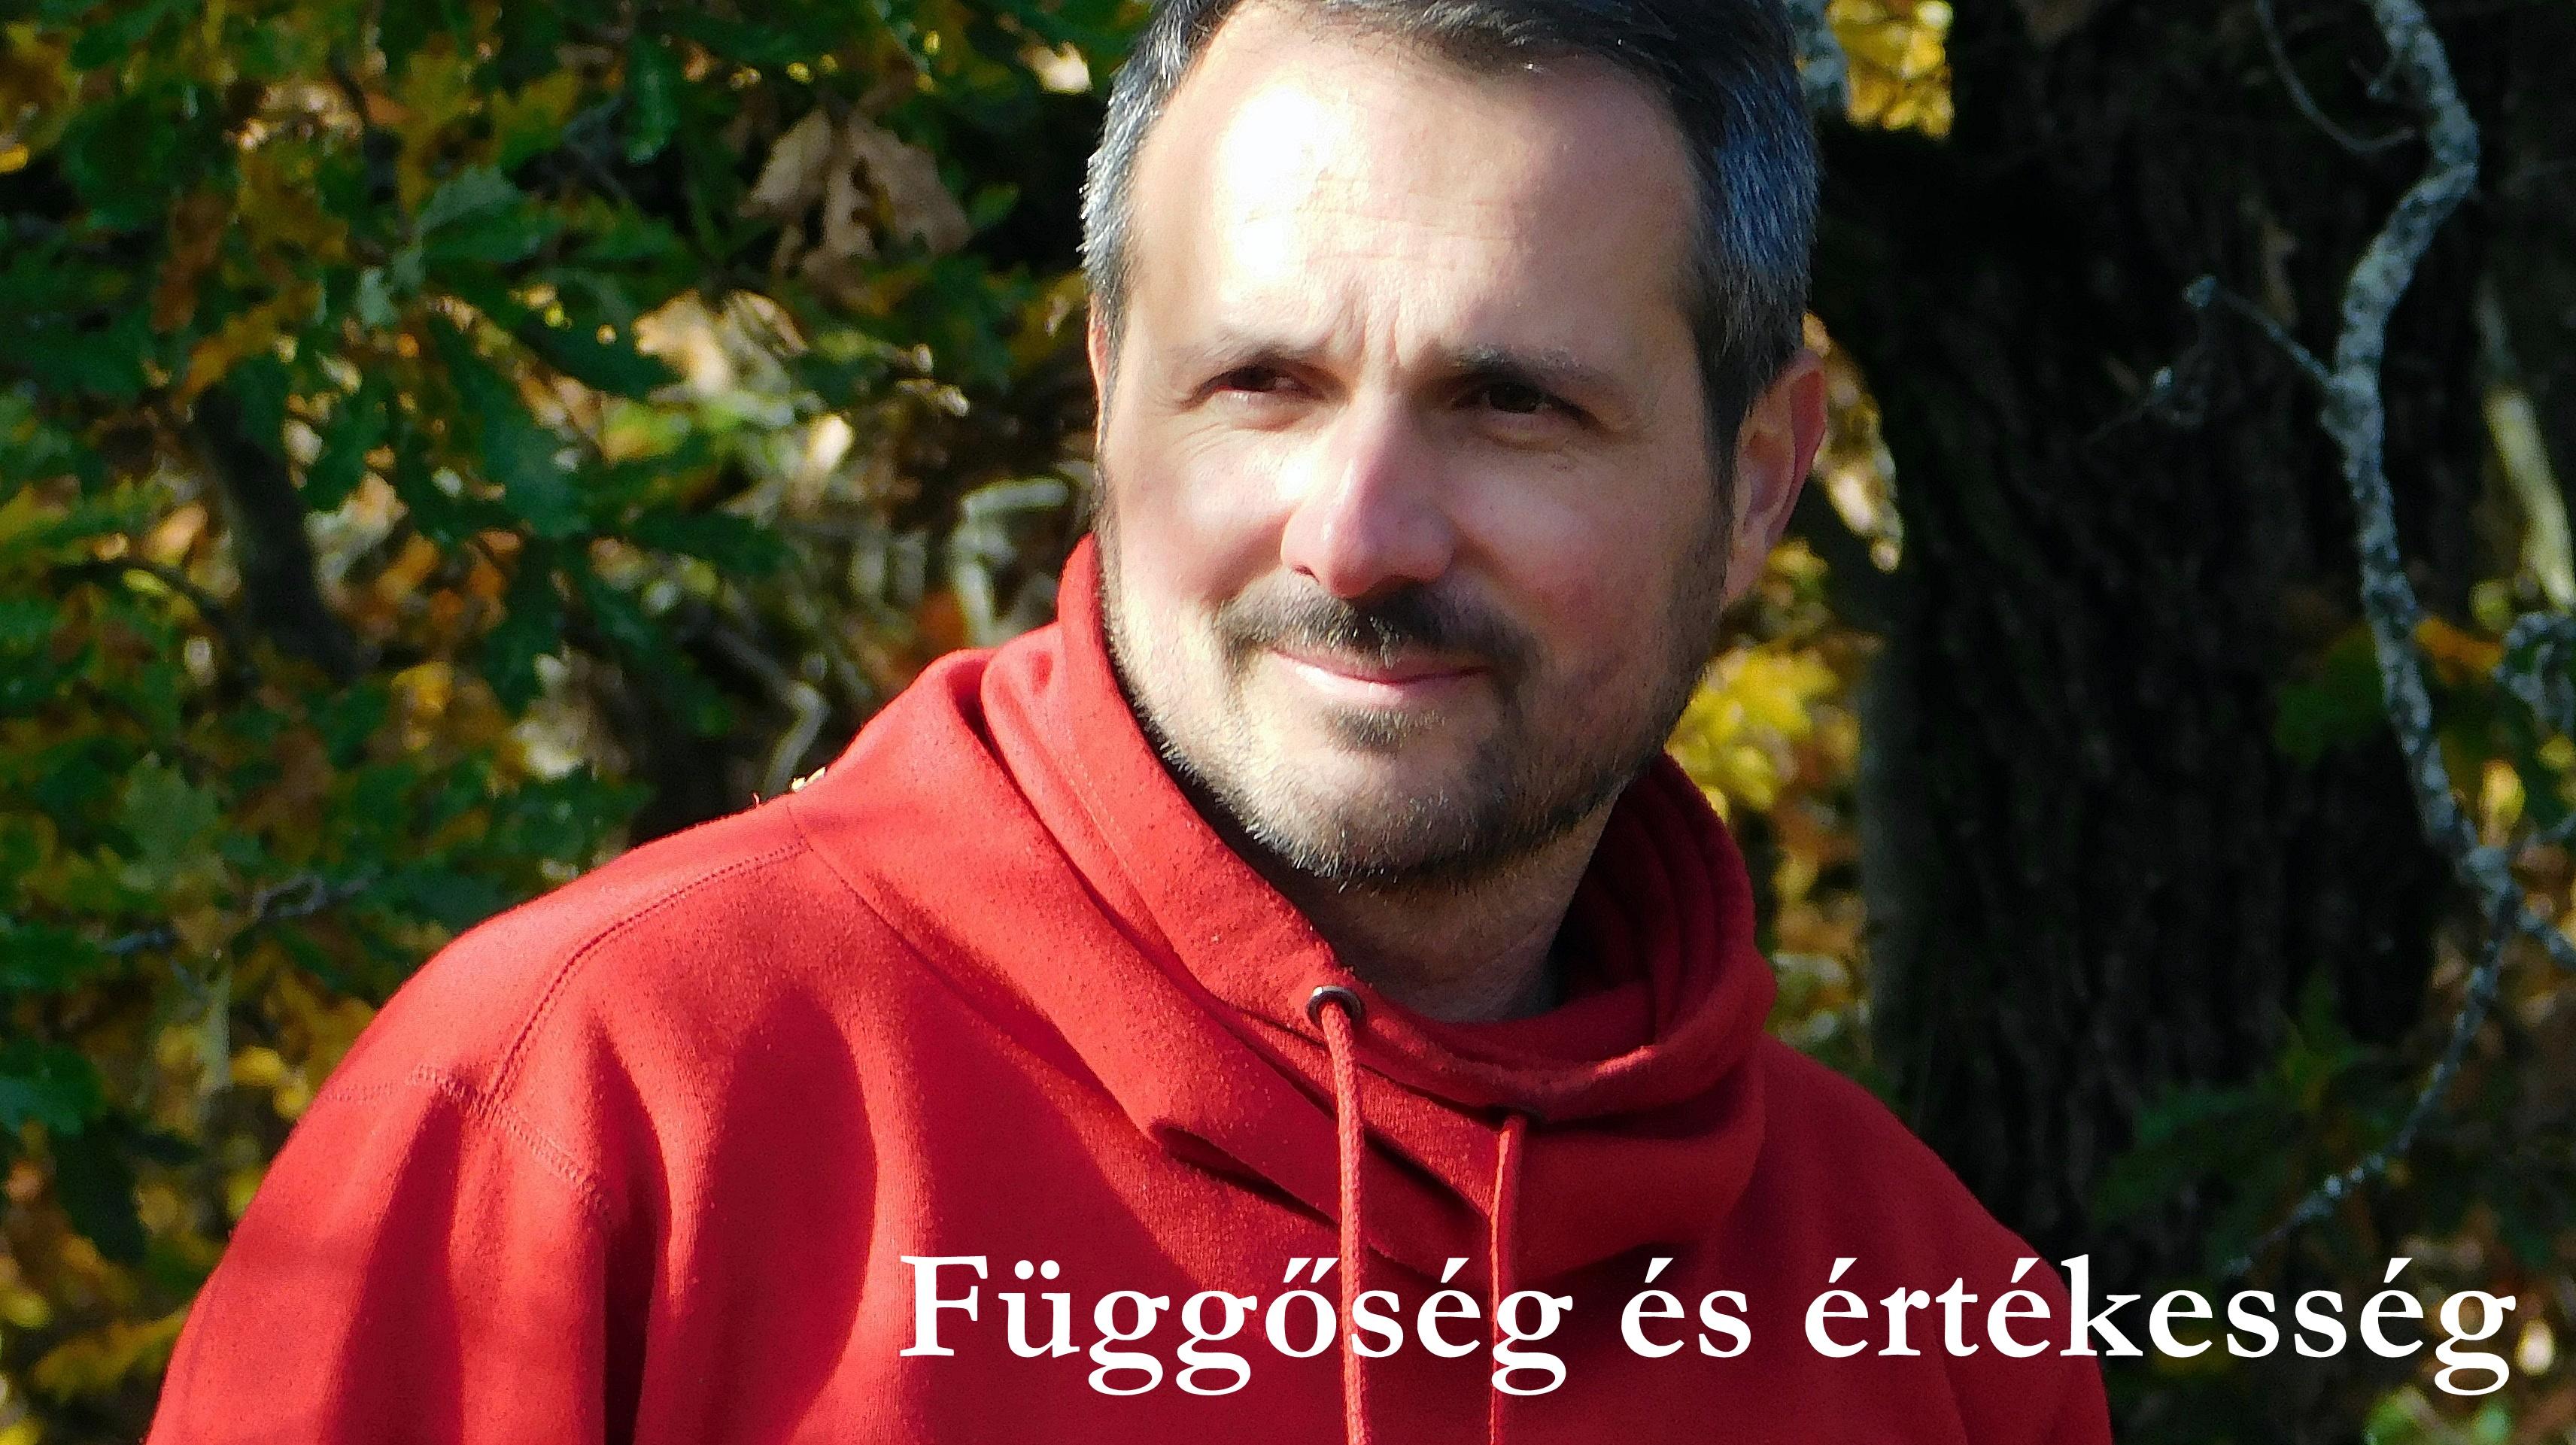 fuggoseg_es_ertekesseg.JPG